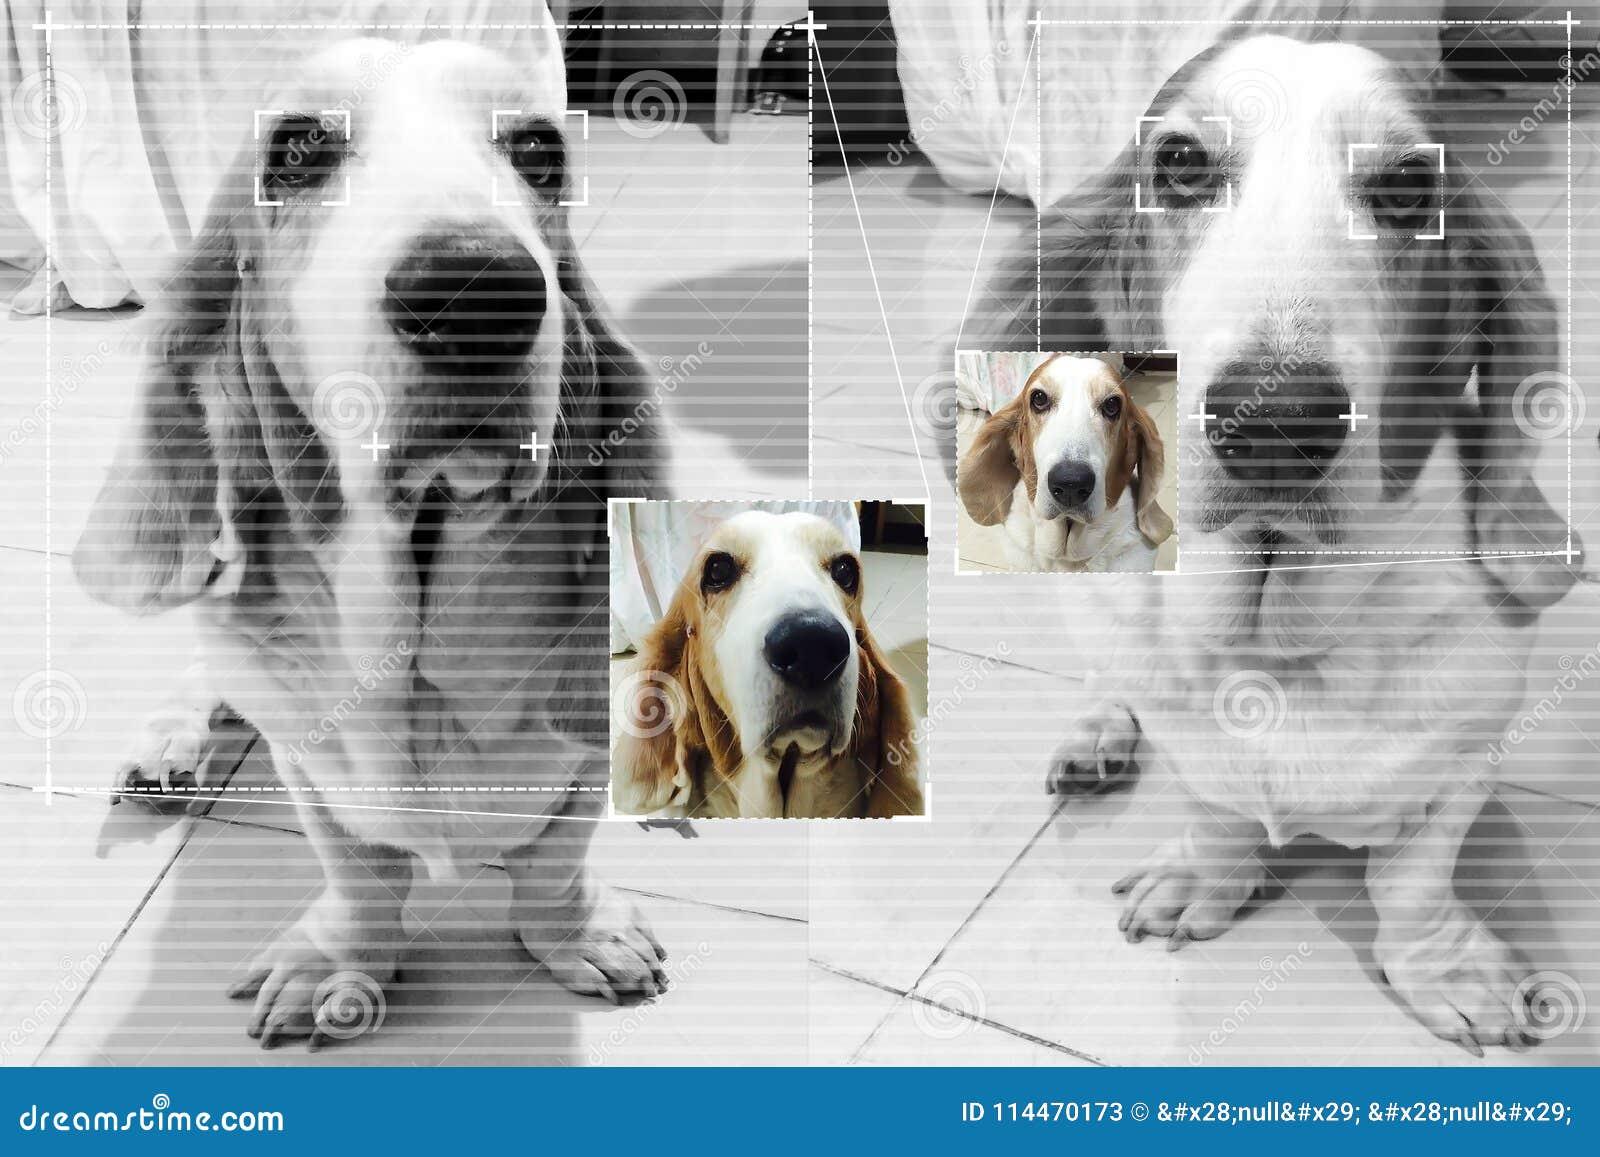 De technologie van de gezichtsopsporing voor hondbasset hond met het scherm detec